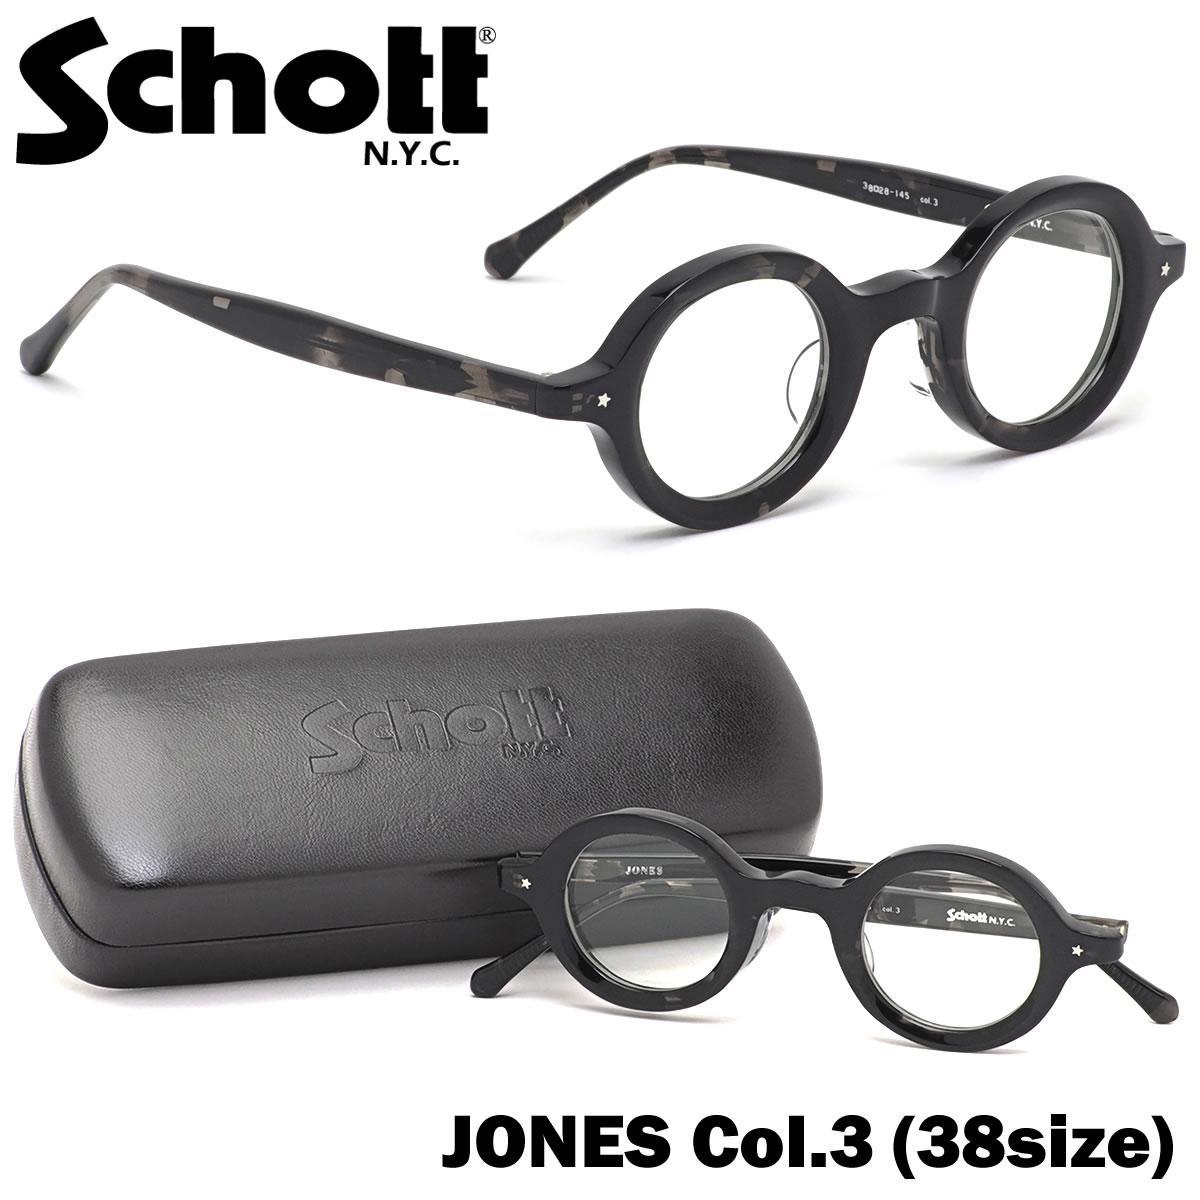 ポイント最大42倍!!お得なクーポンも !! ショット SCHOTT メガネ 伊達メガネセットJONES 3 38サイズJONES 日本製 UVカットクリアレンズ付ショット SCHOTT メンズ レディース